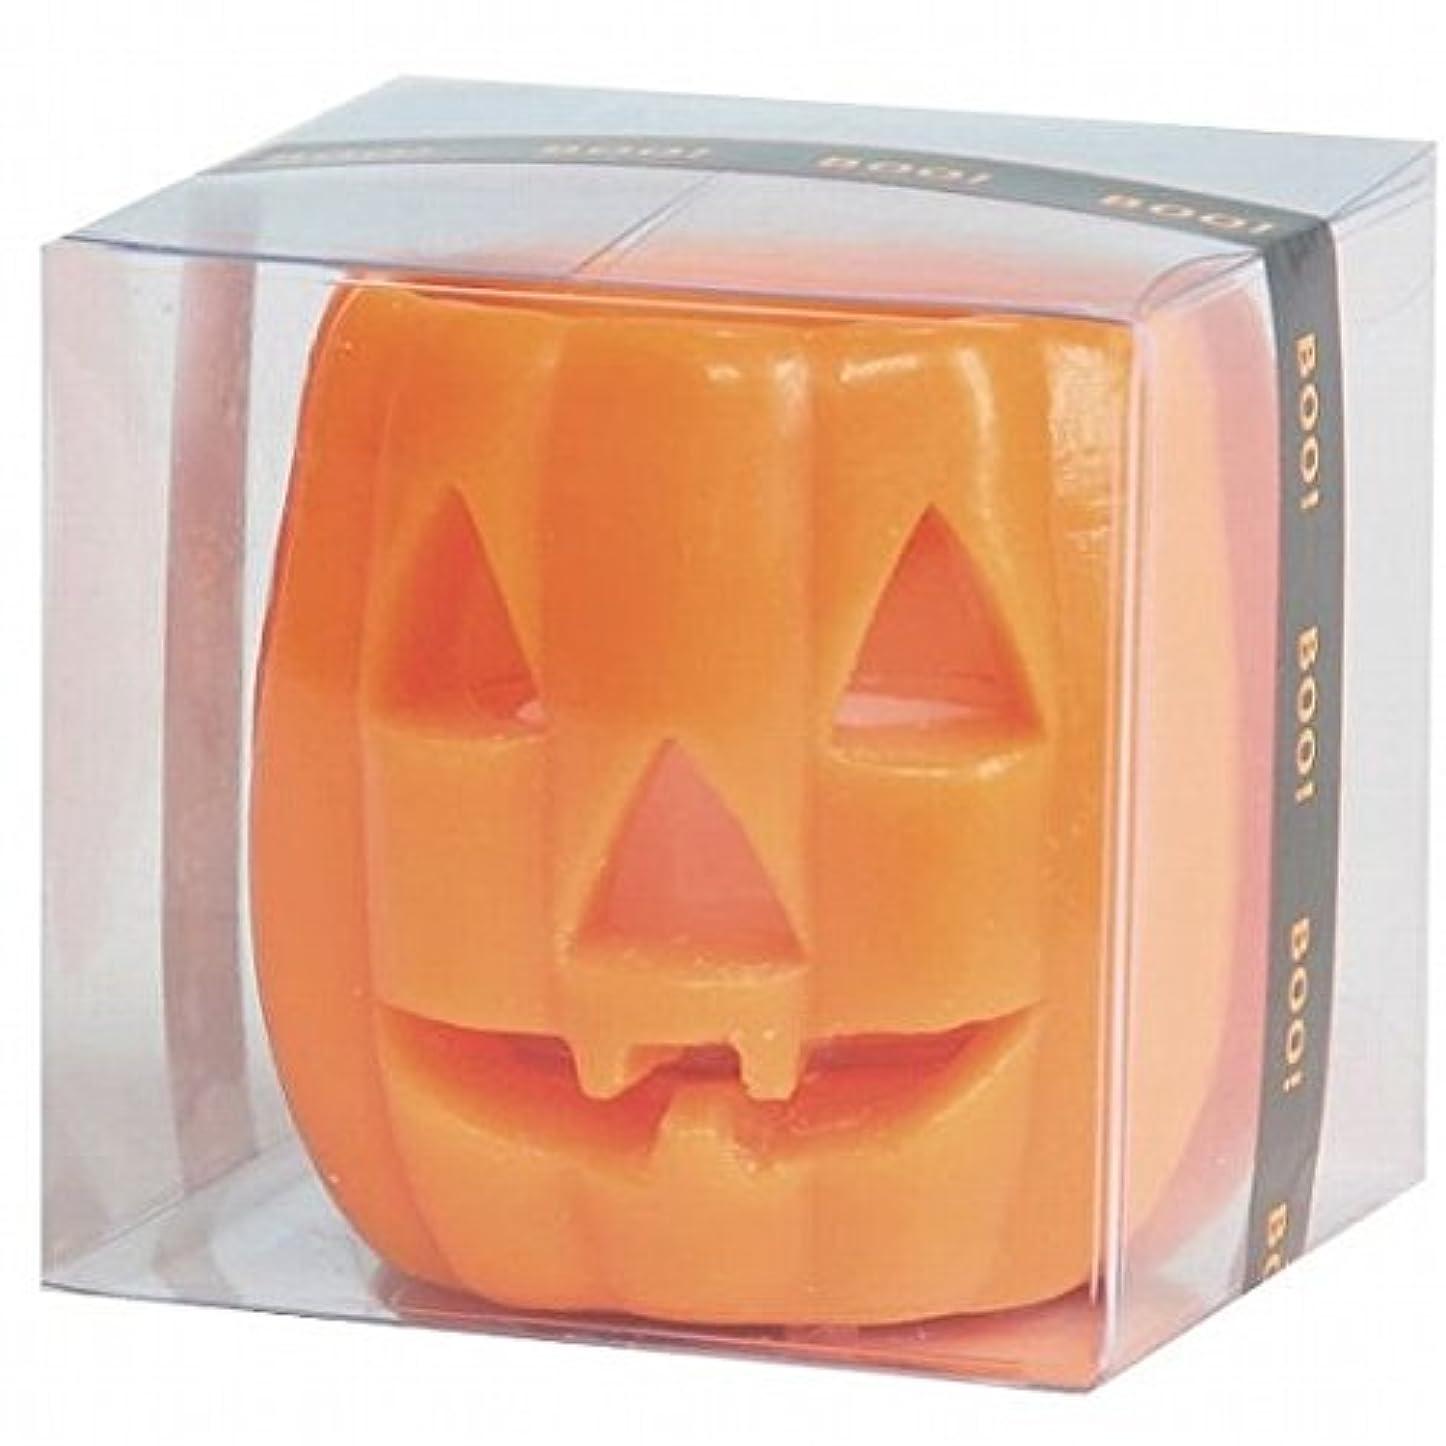 ミット微視的範囲kameyama candle(カメヤマキャンドル) パンプキンフェイスS 「 オレンジ 」 キャンドル(55860000)